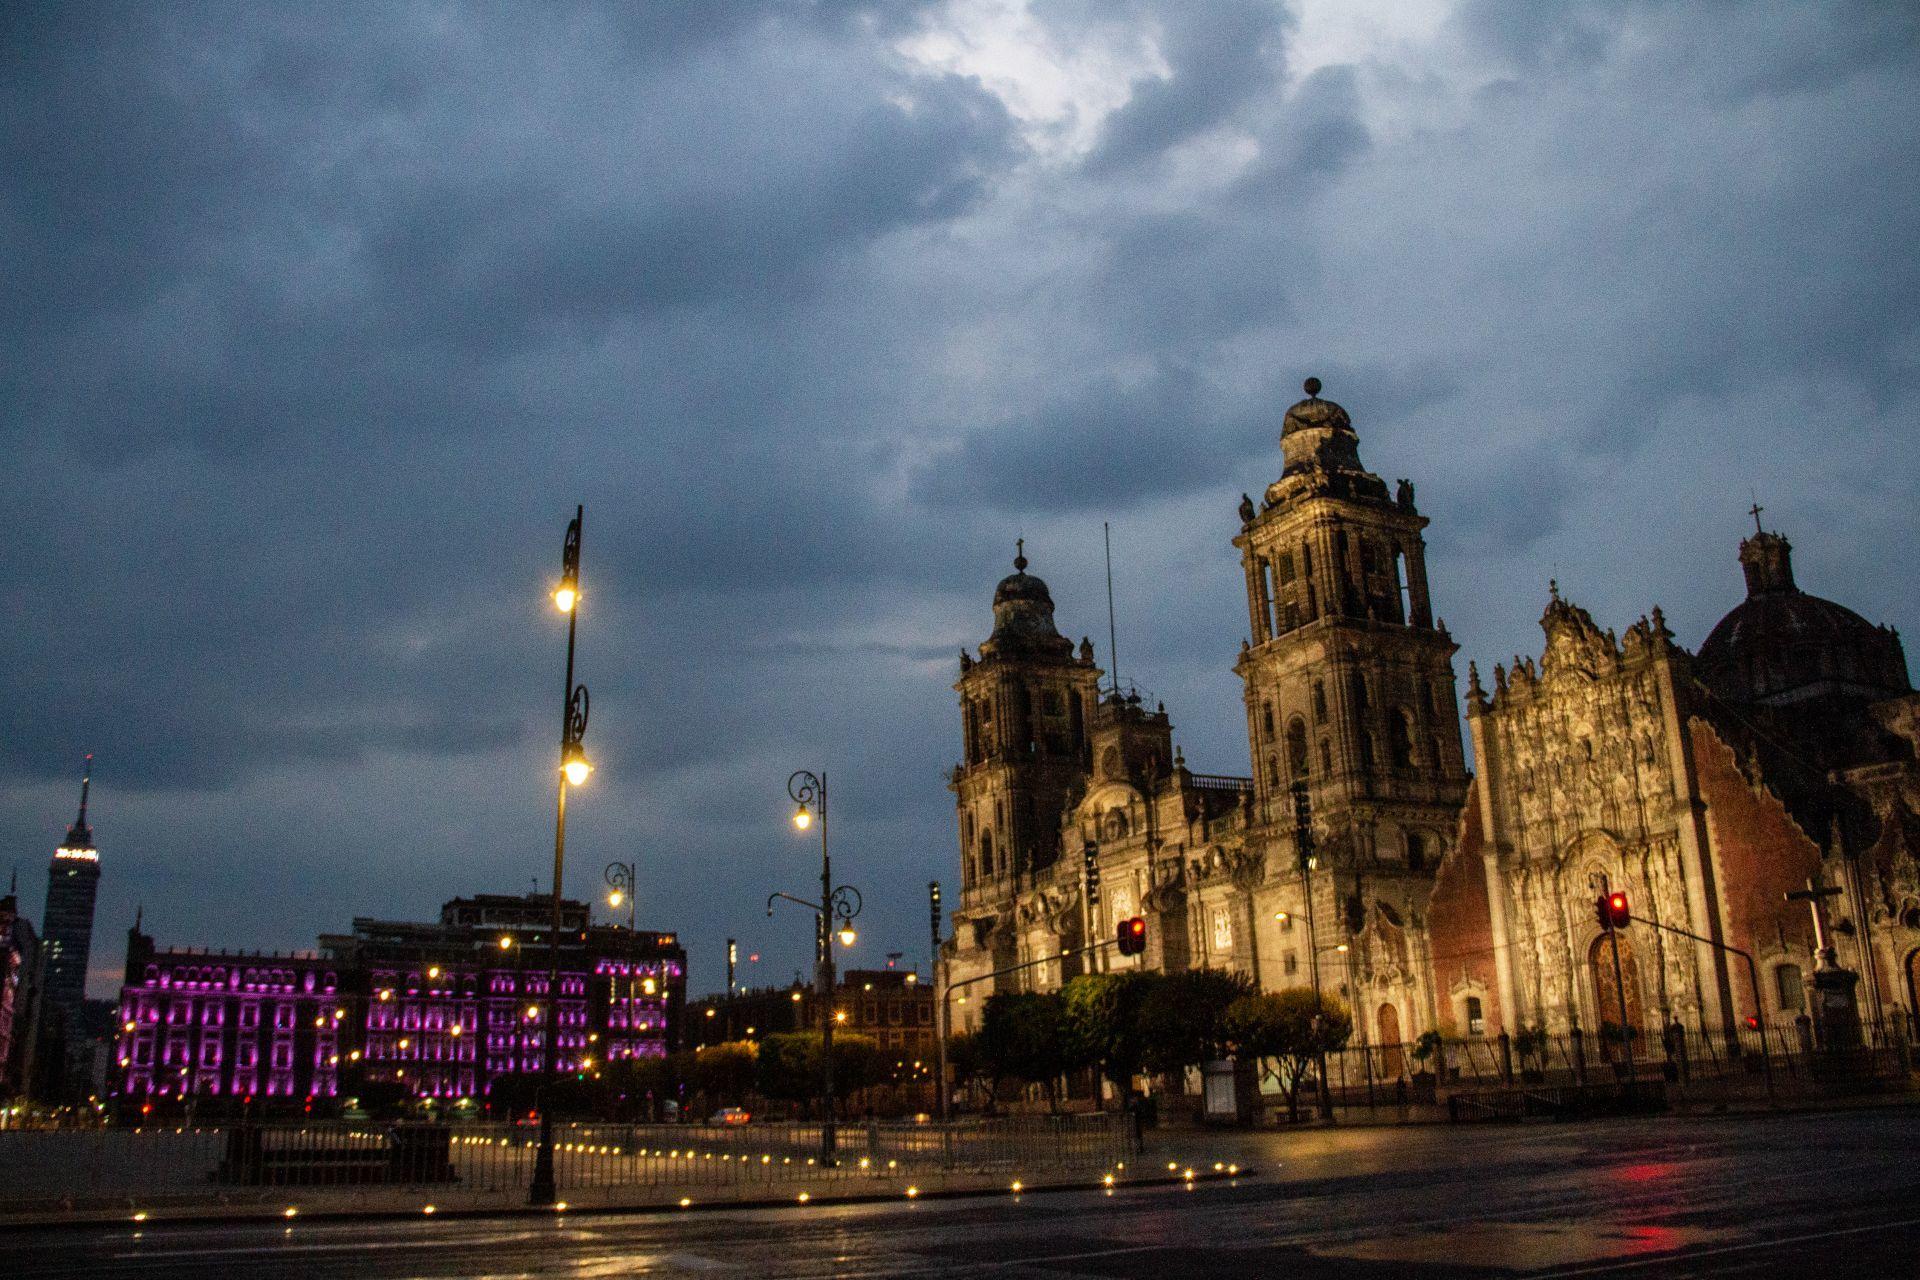 CIUDAD DE MÉXICO, 08MAYO2020.- Lluvias menores se registraron esta tarde en la zona Centro de la Ciudad. En la imagen, aspecto del Zócalo Capitalino.